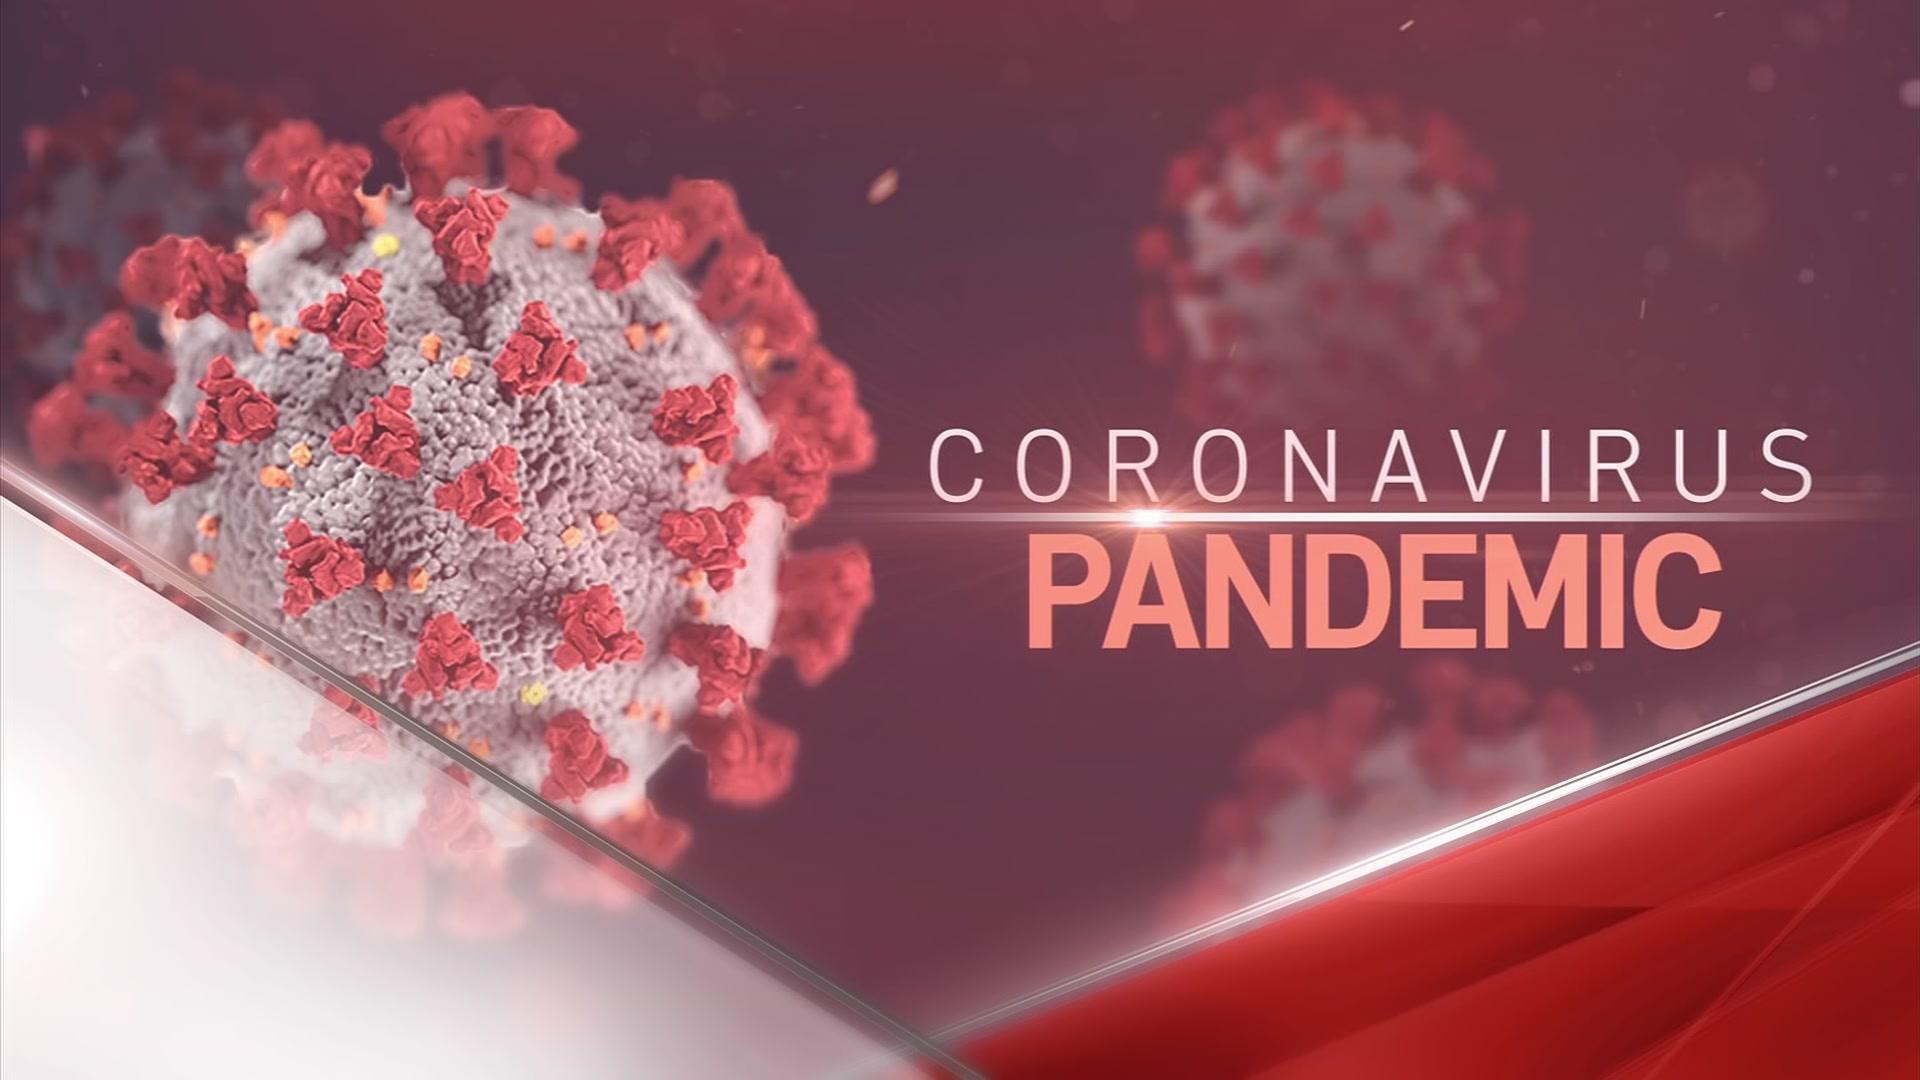 Califato League 2020/2021 - Pandemic Edition CoronavirusAMUpdate